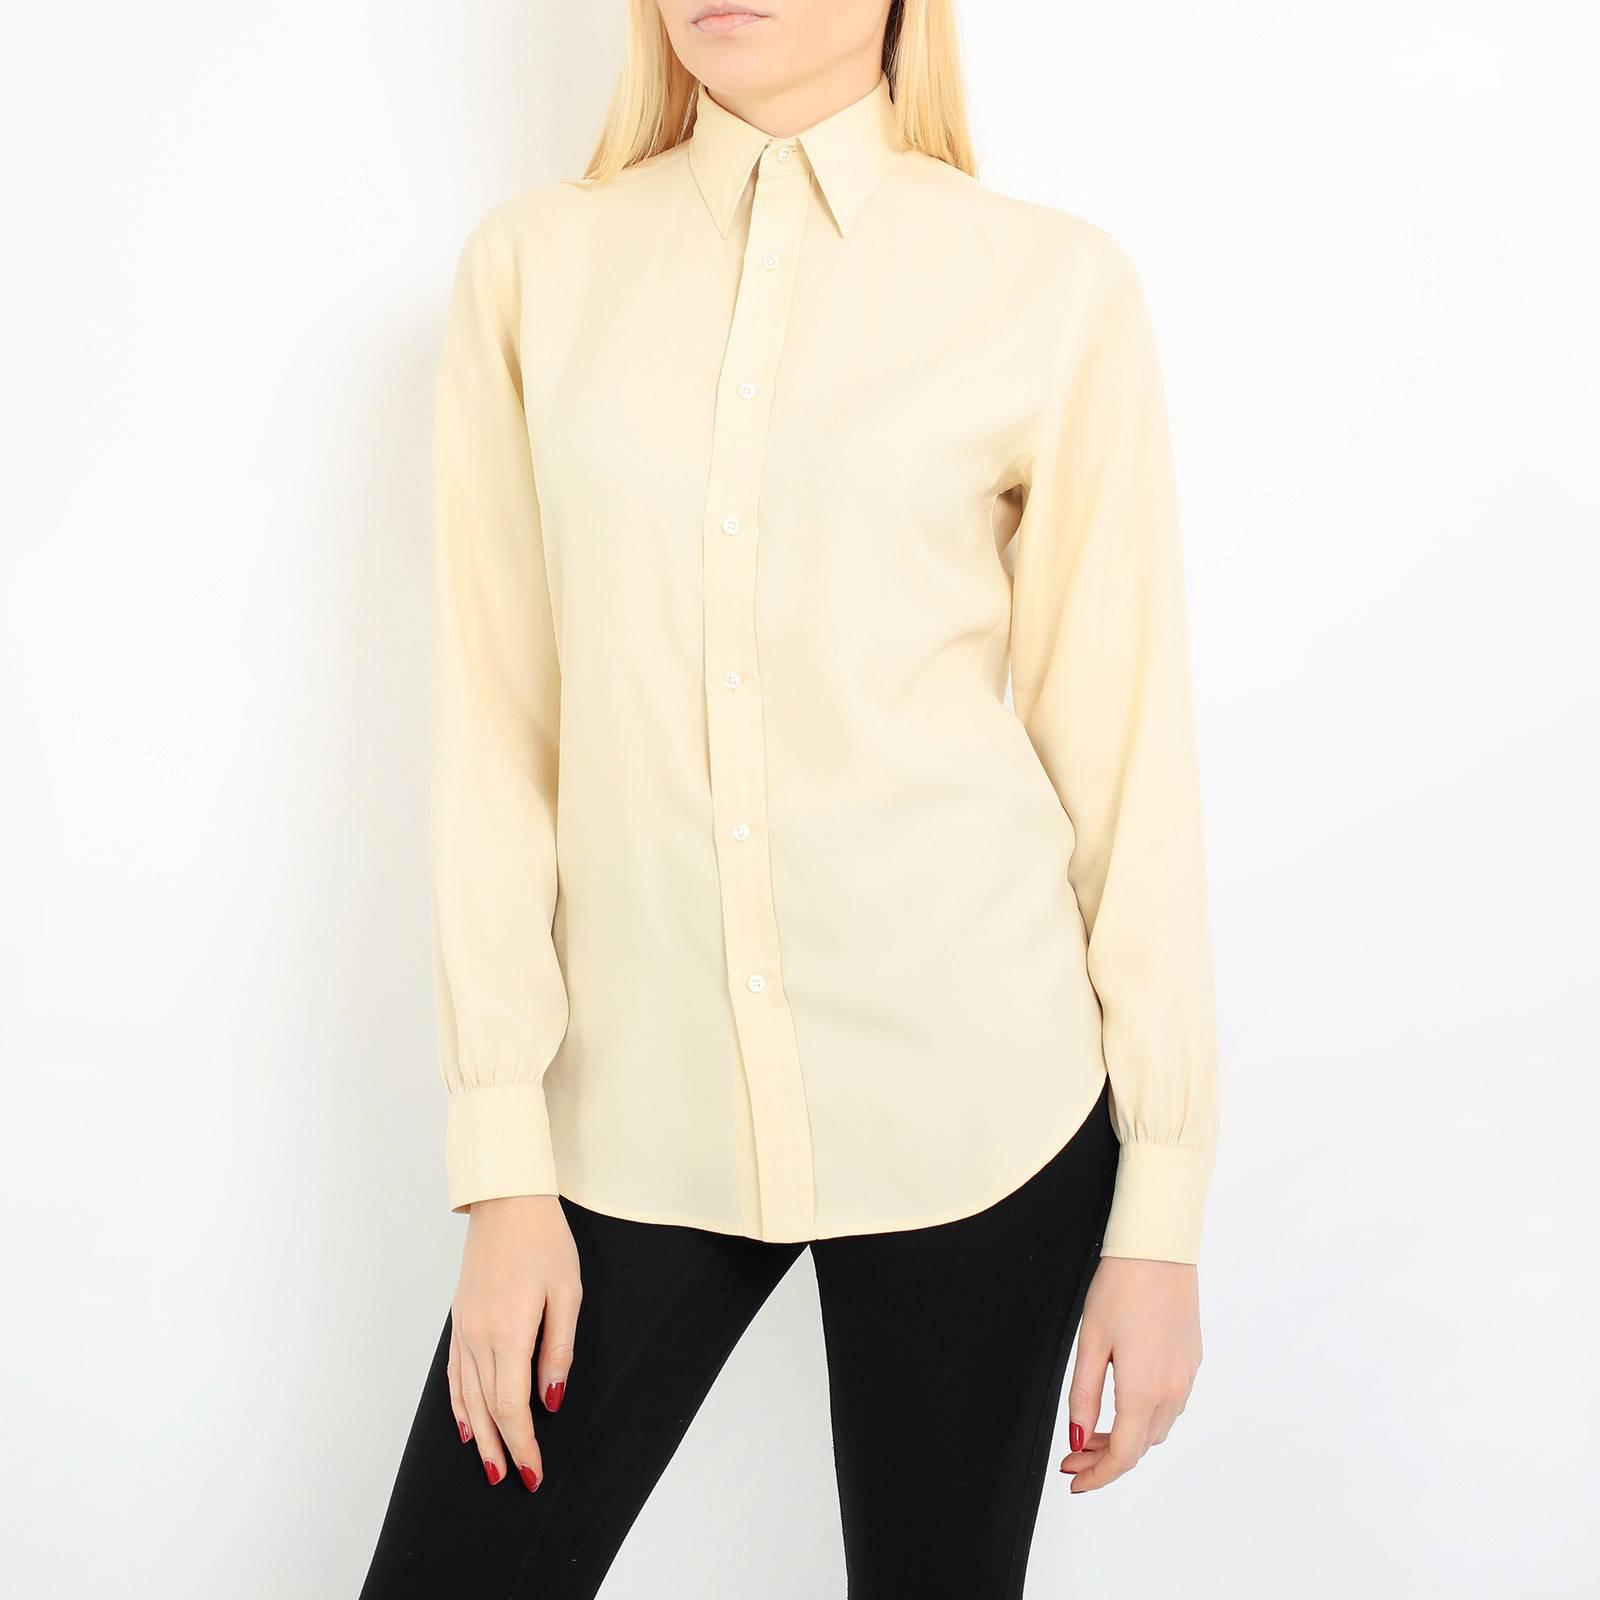 454612d624ff Купить рубашку Ralph Lauren в Москве с доставкой по цене 3000 рублей ...